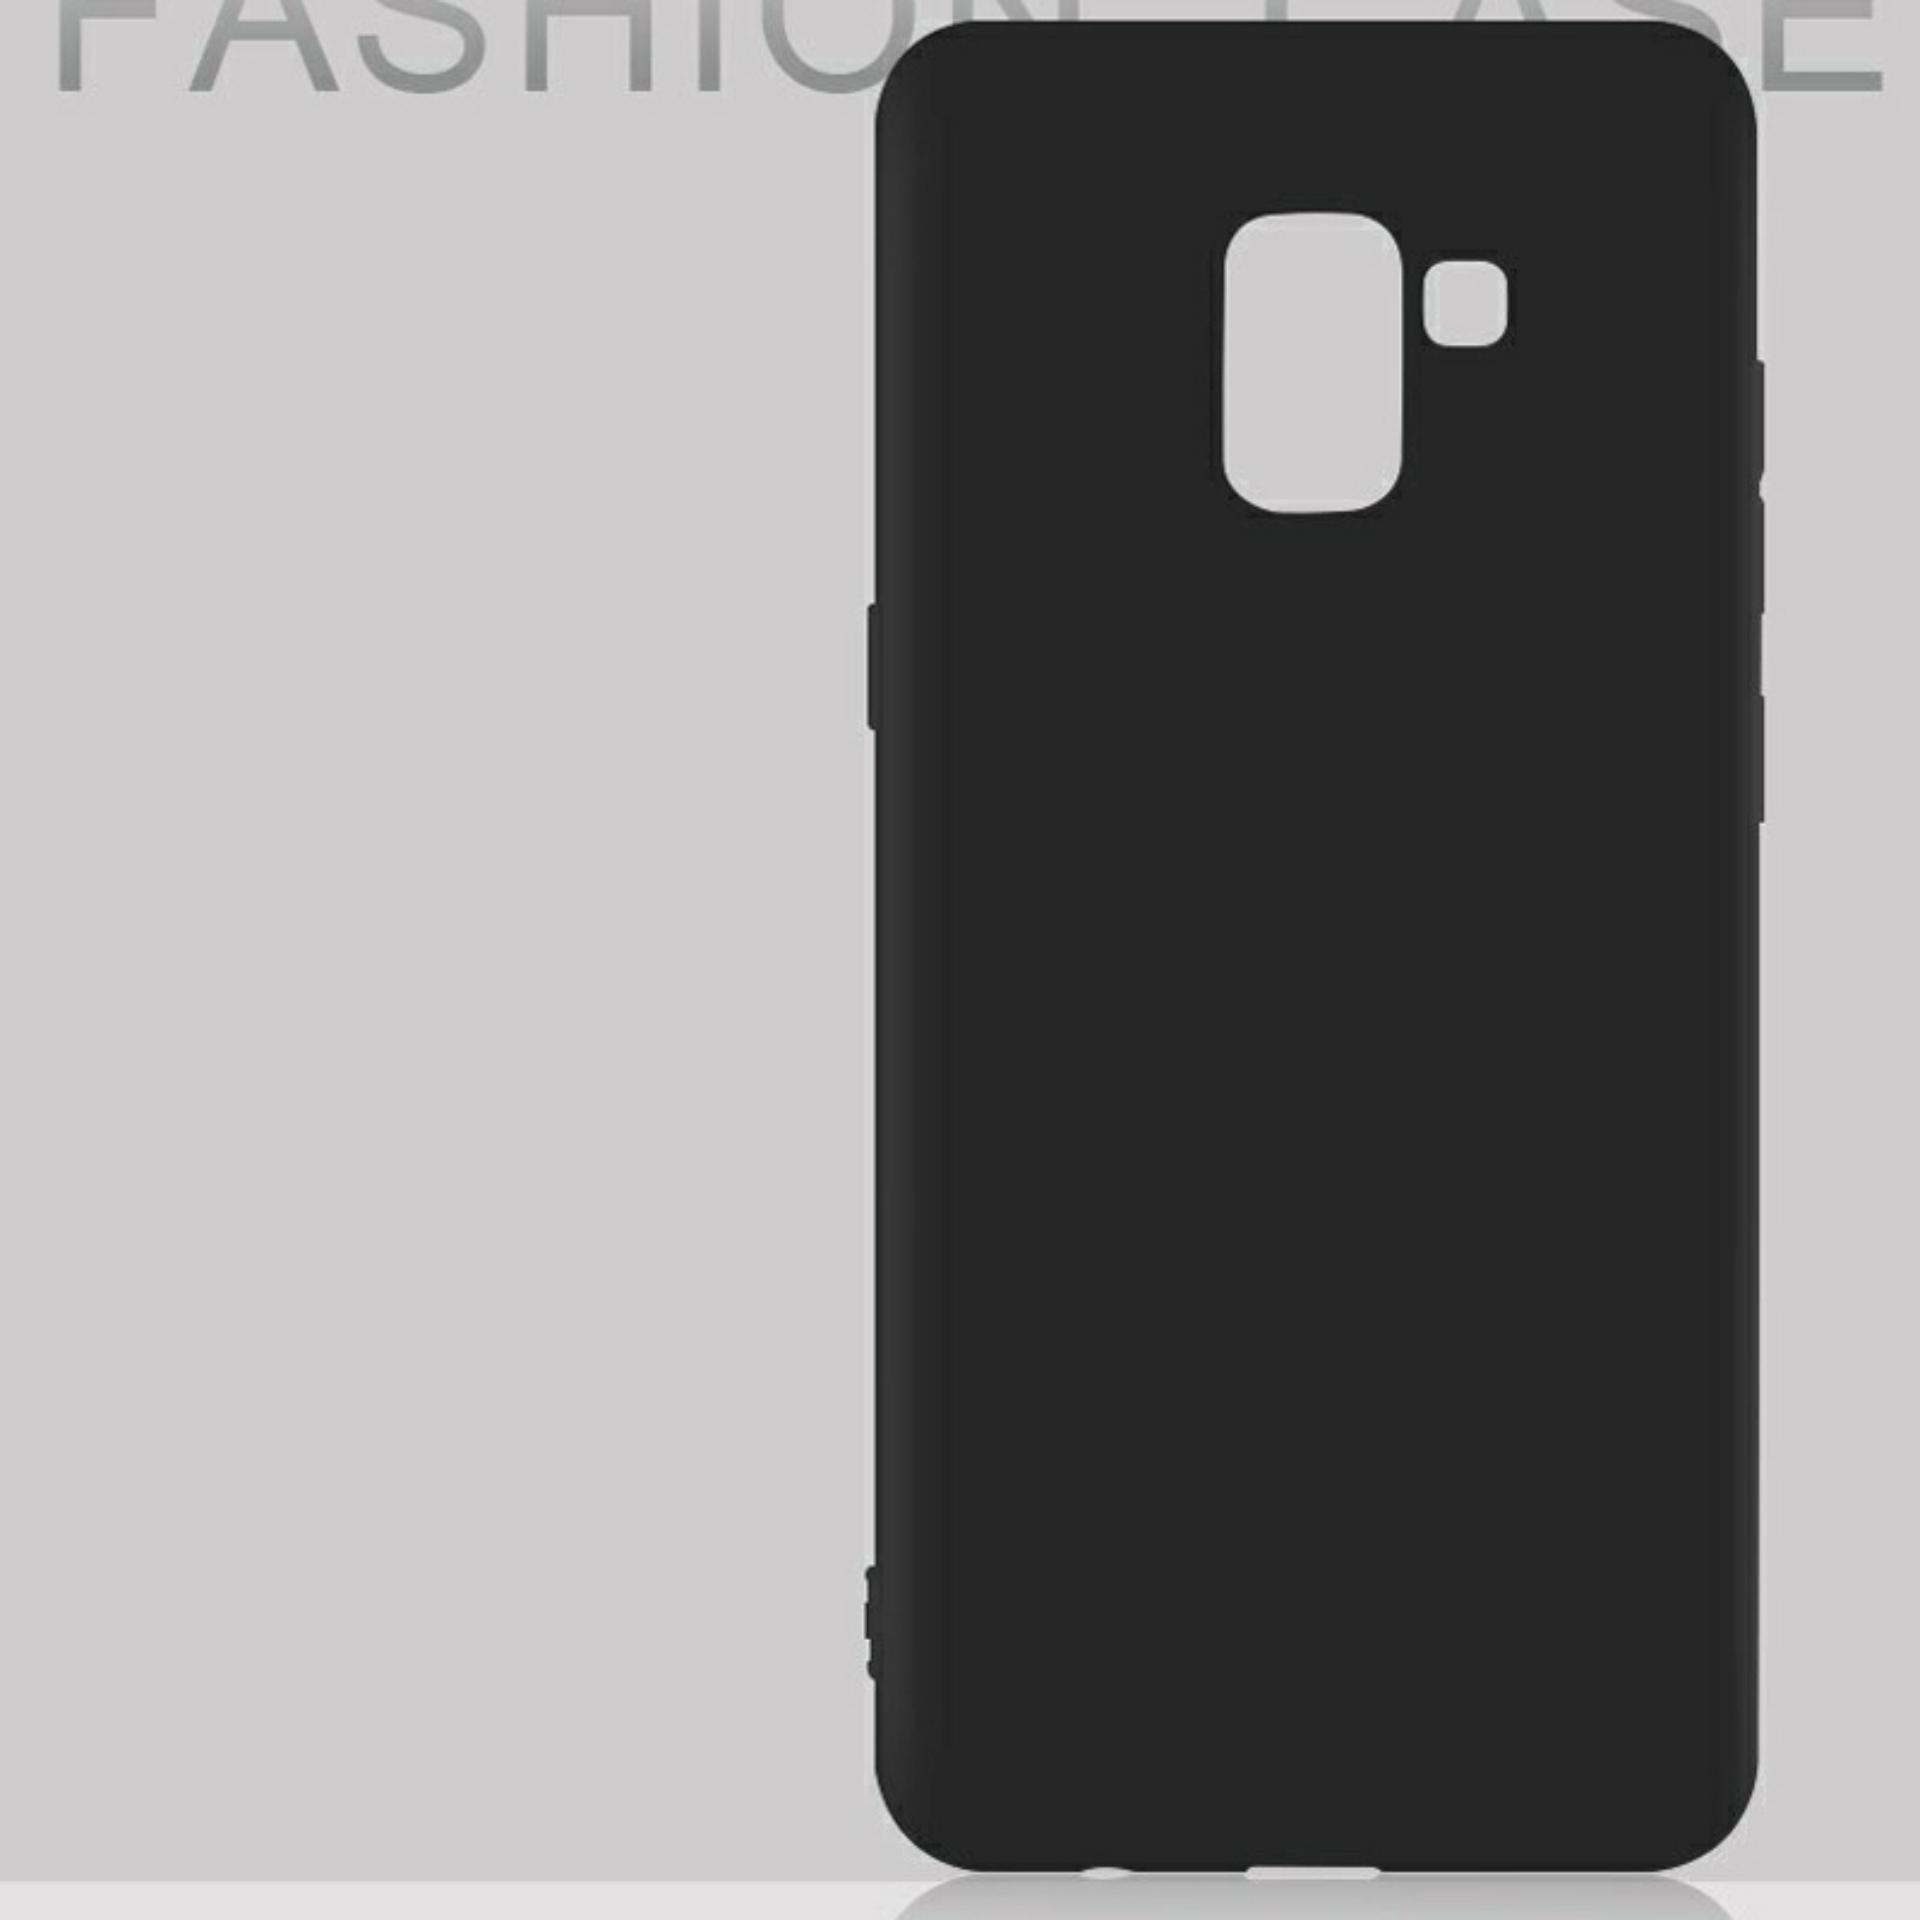 Softcase Samsung A8 2018 Case Tpu Slim Black Matte